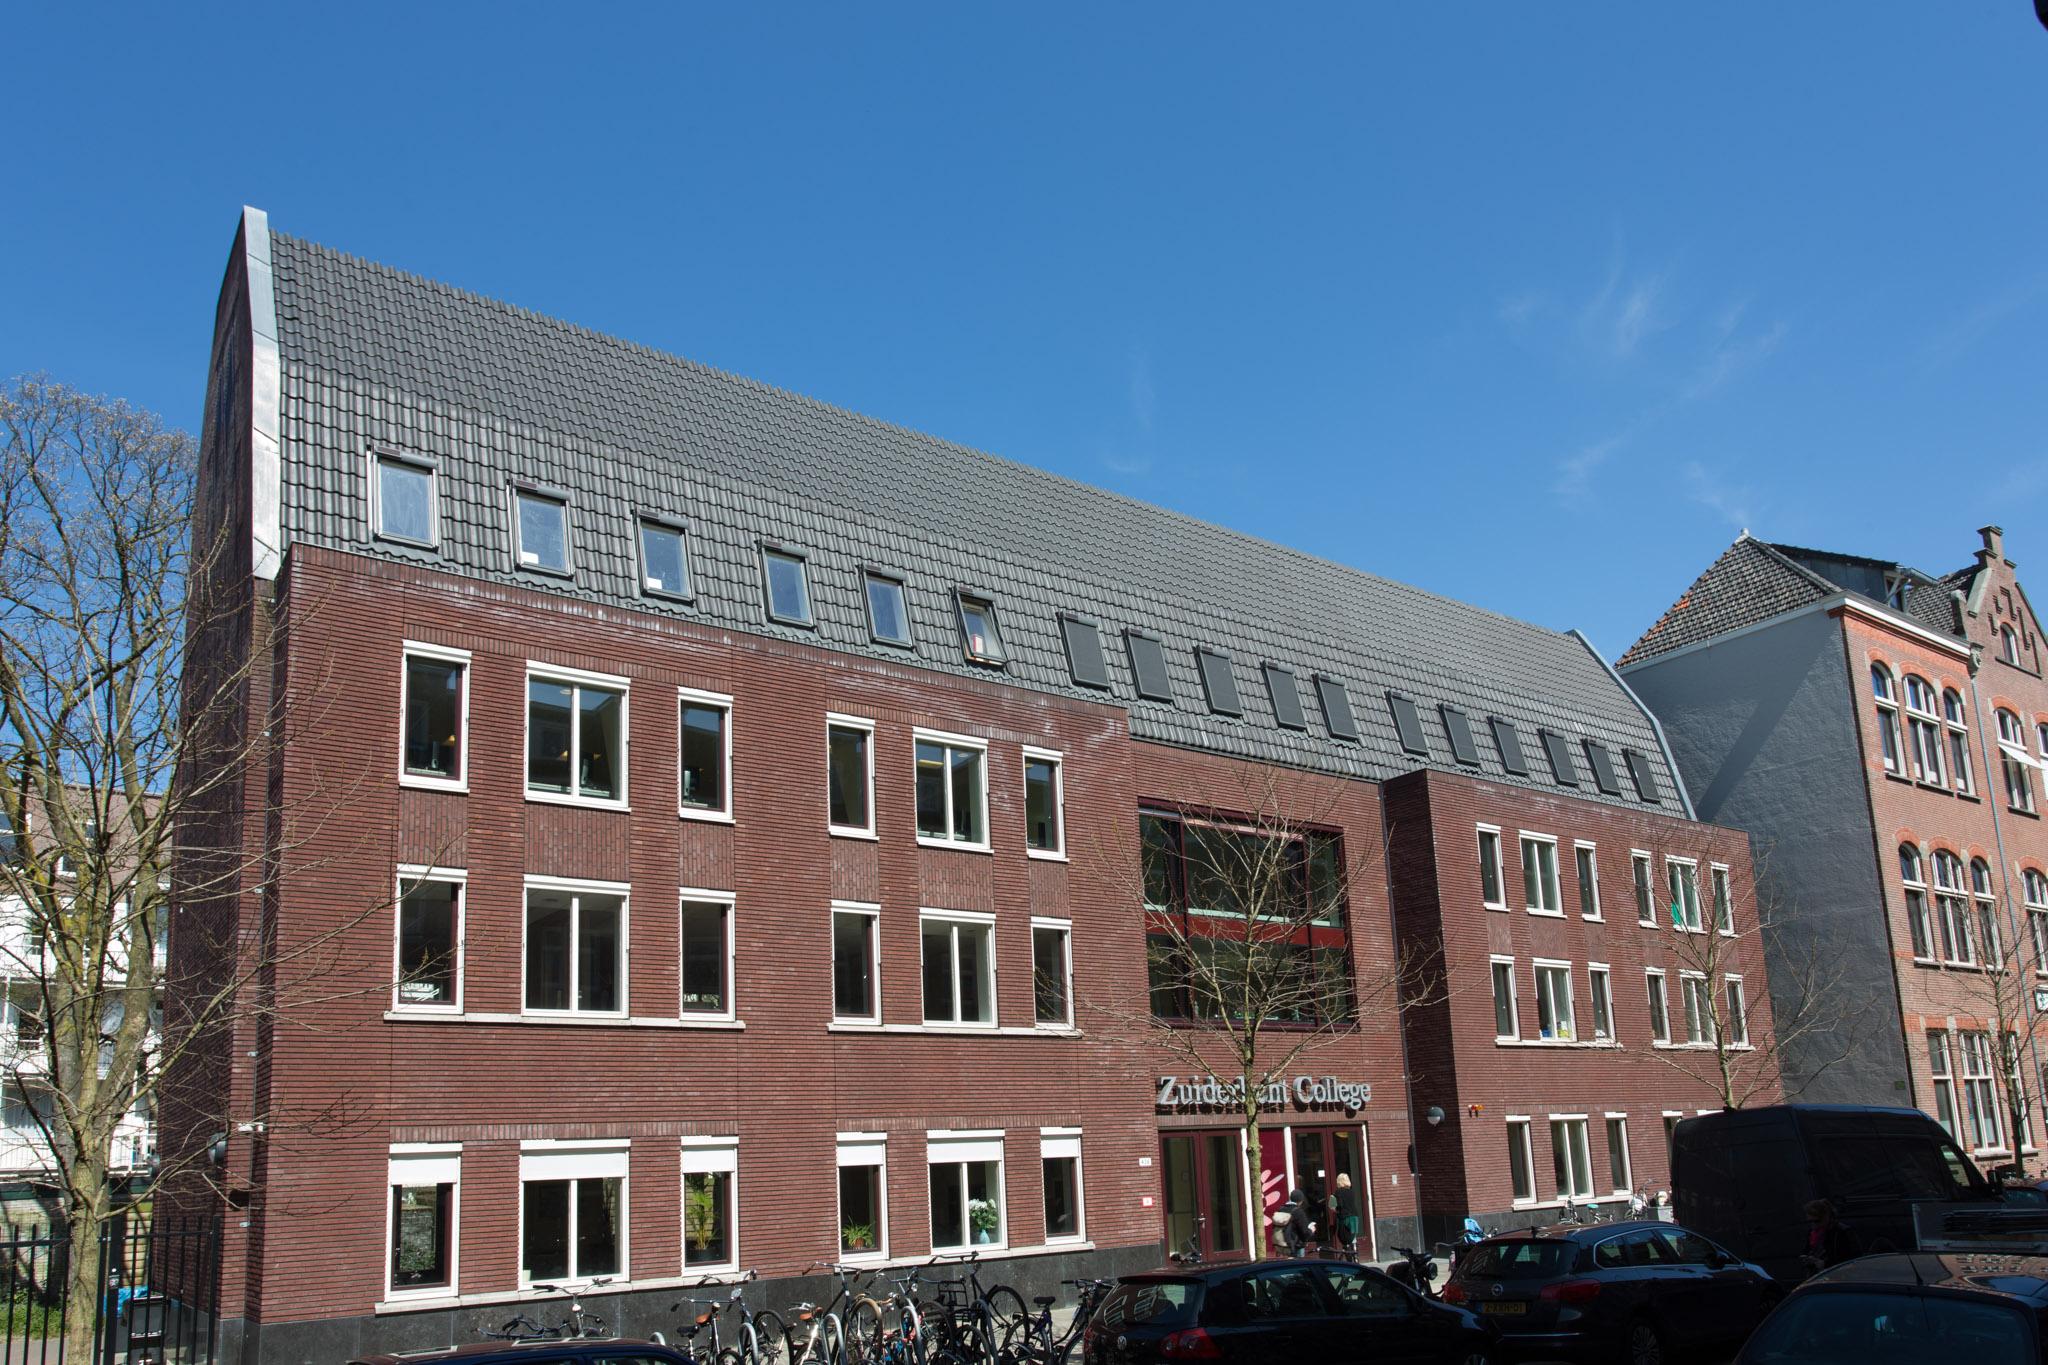 Zuiderlicht College